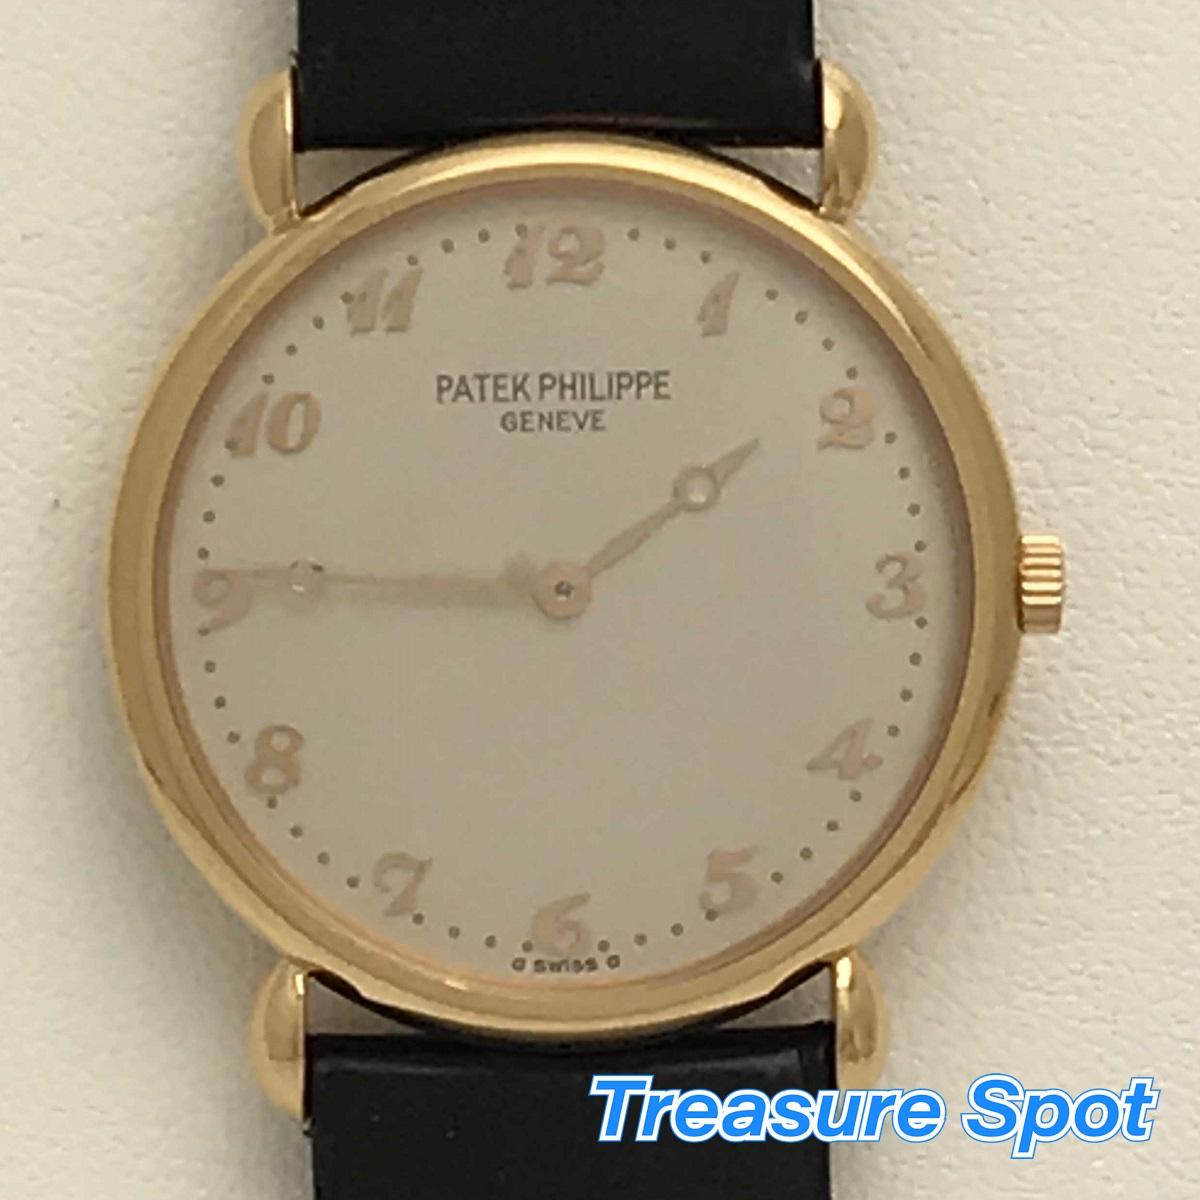 PATEK PHILPPE パテックフィリップ 3820R-001 カラトラバ ローズゴールド RG メンズ 腕時計 送料無料 【トレジャースポット】【中古】